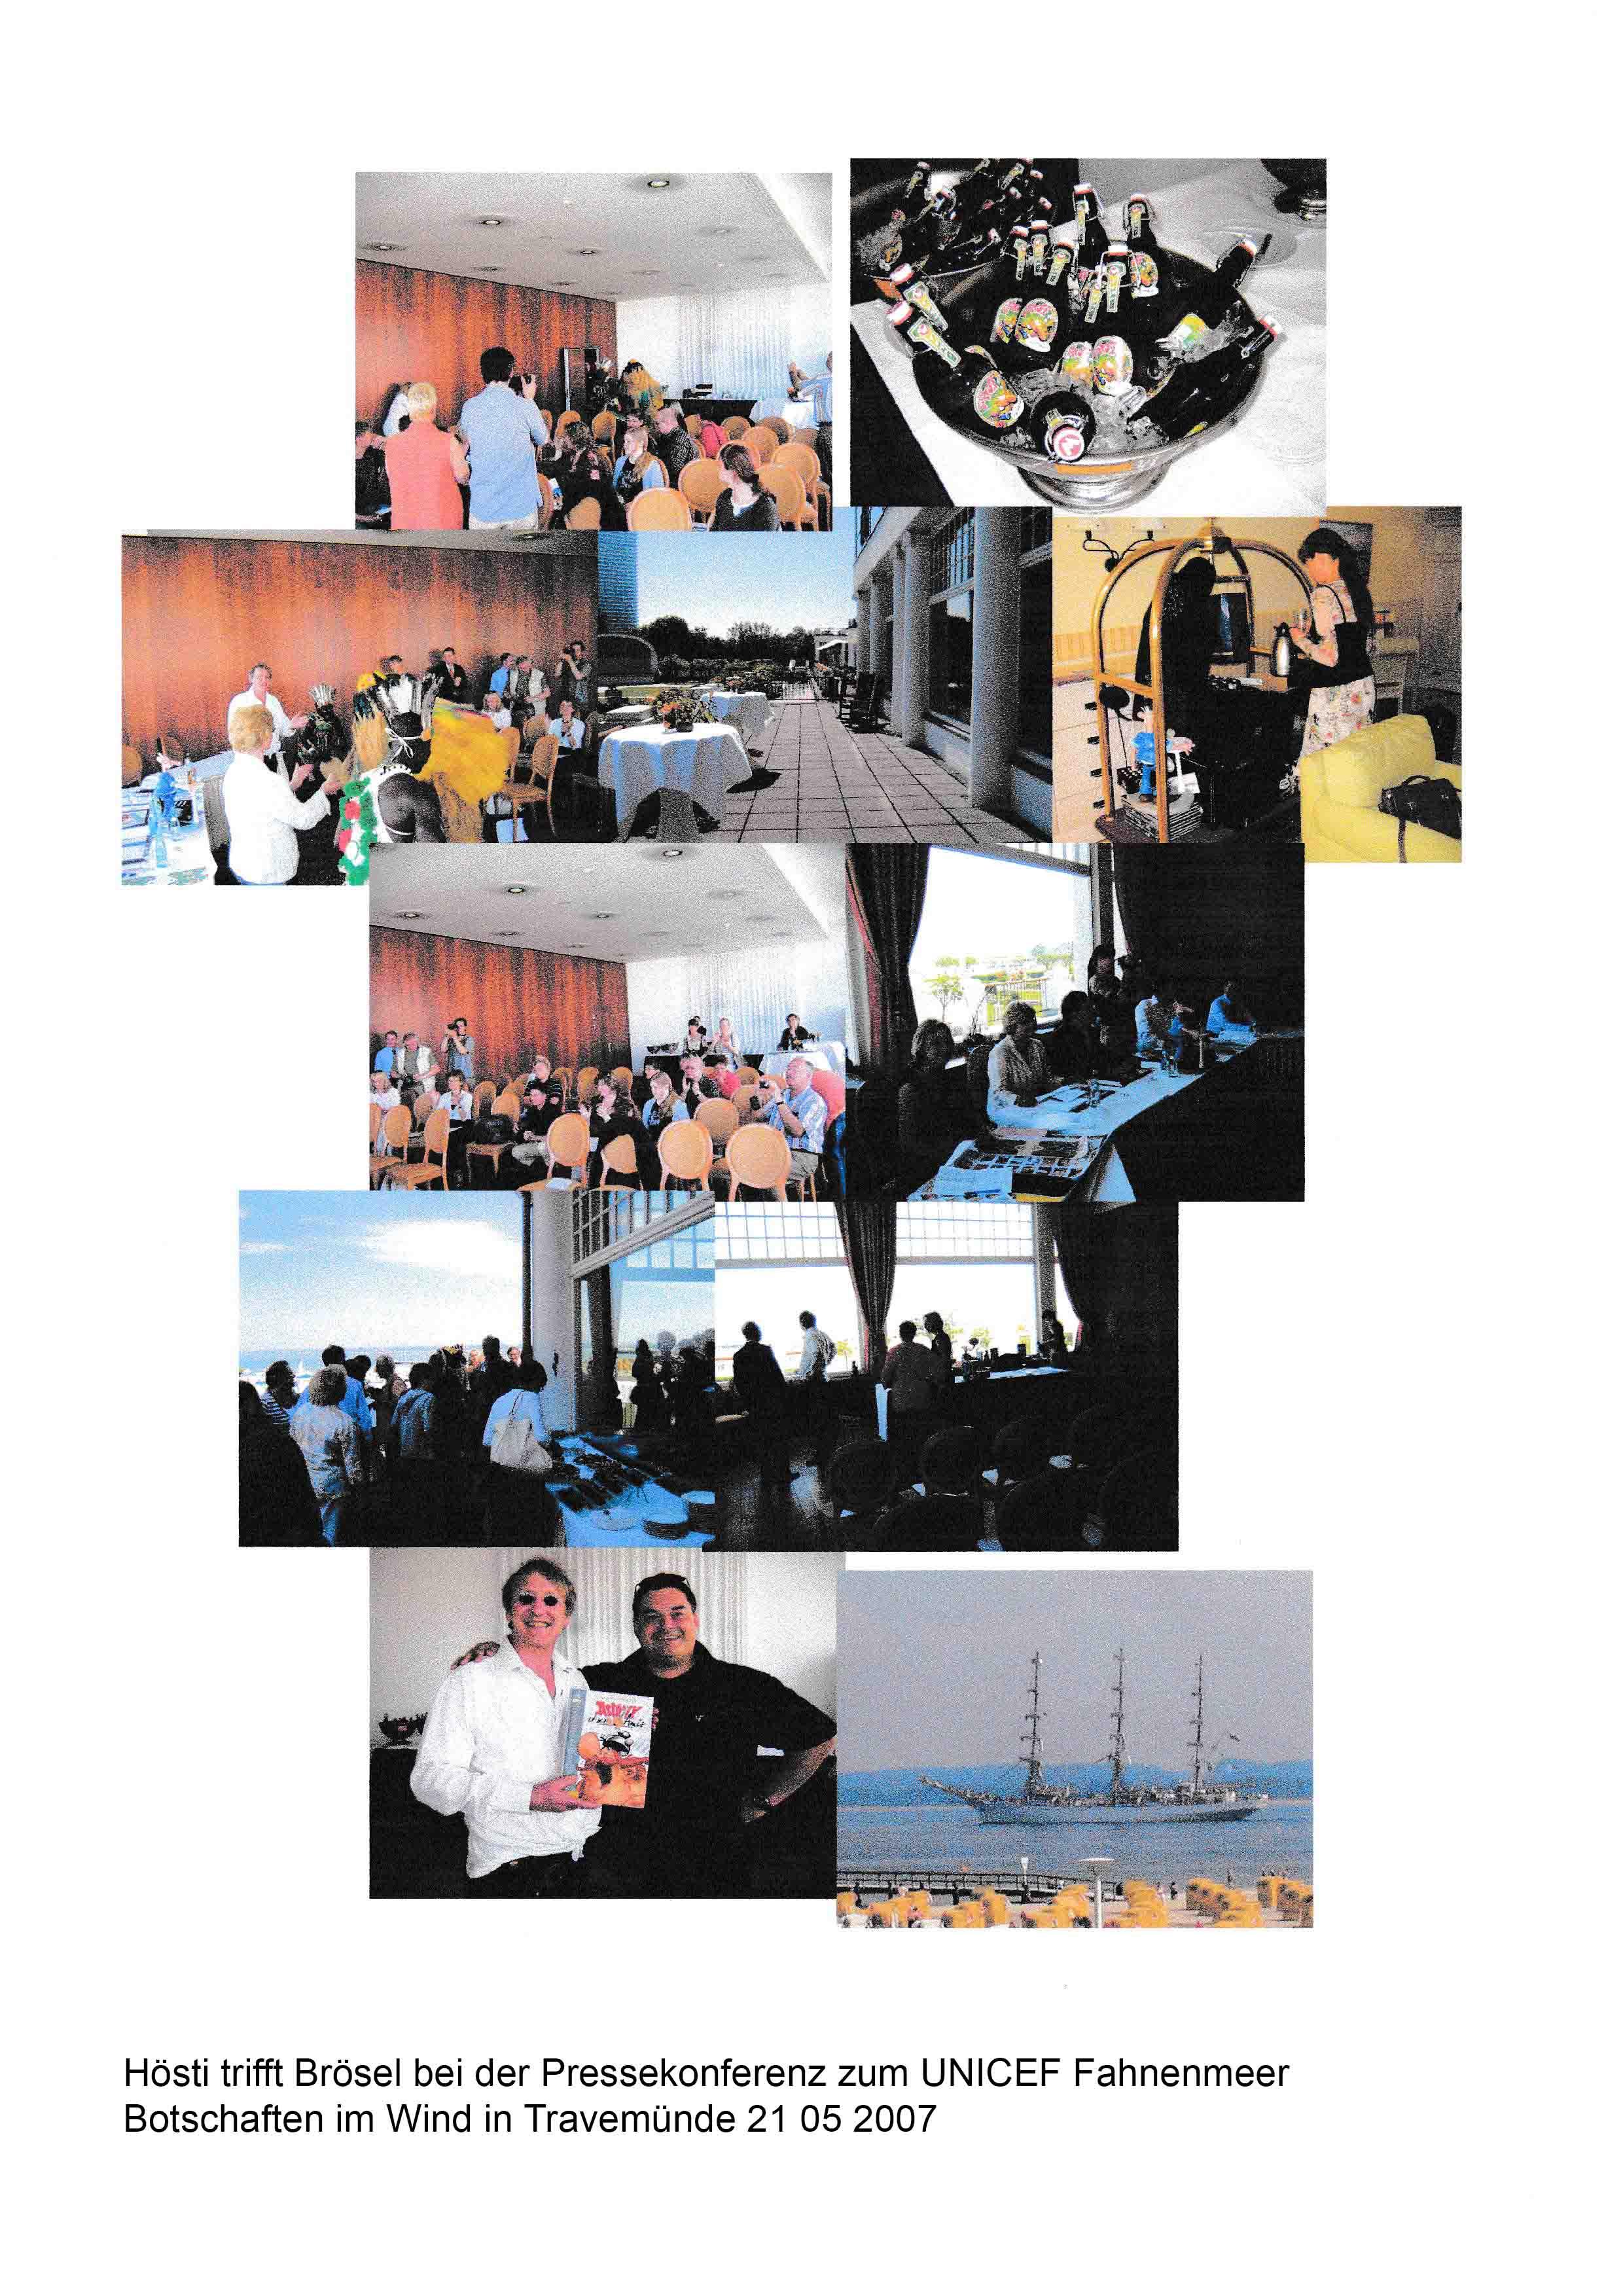 Hösti trifft Brösel Pressekonferenz UNICEF 21 05 2007 Seite 2